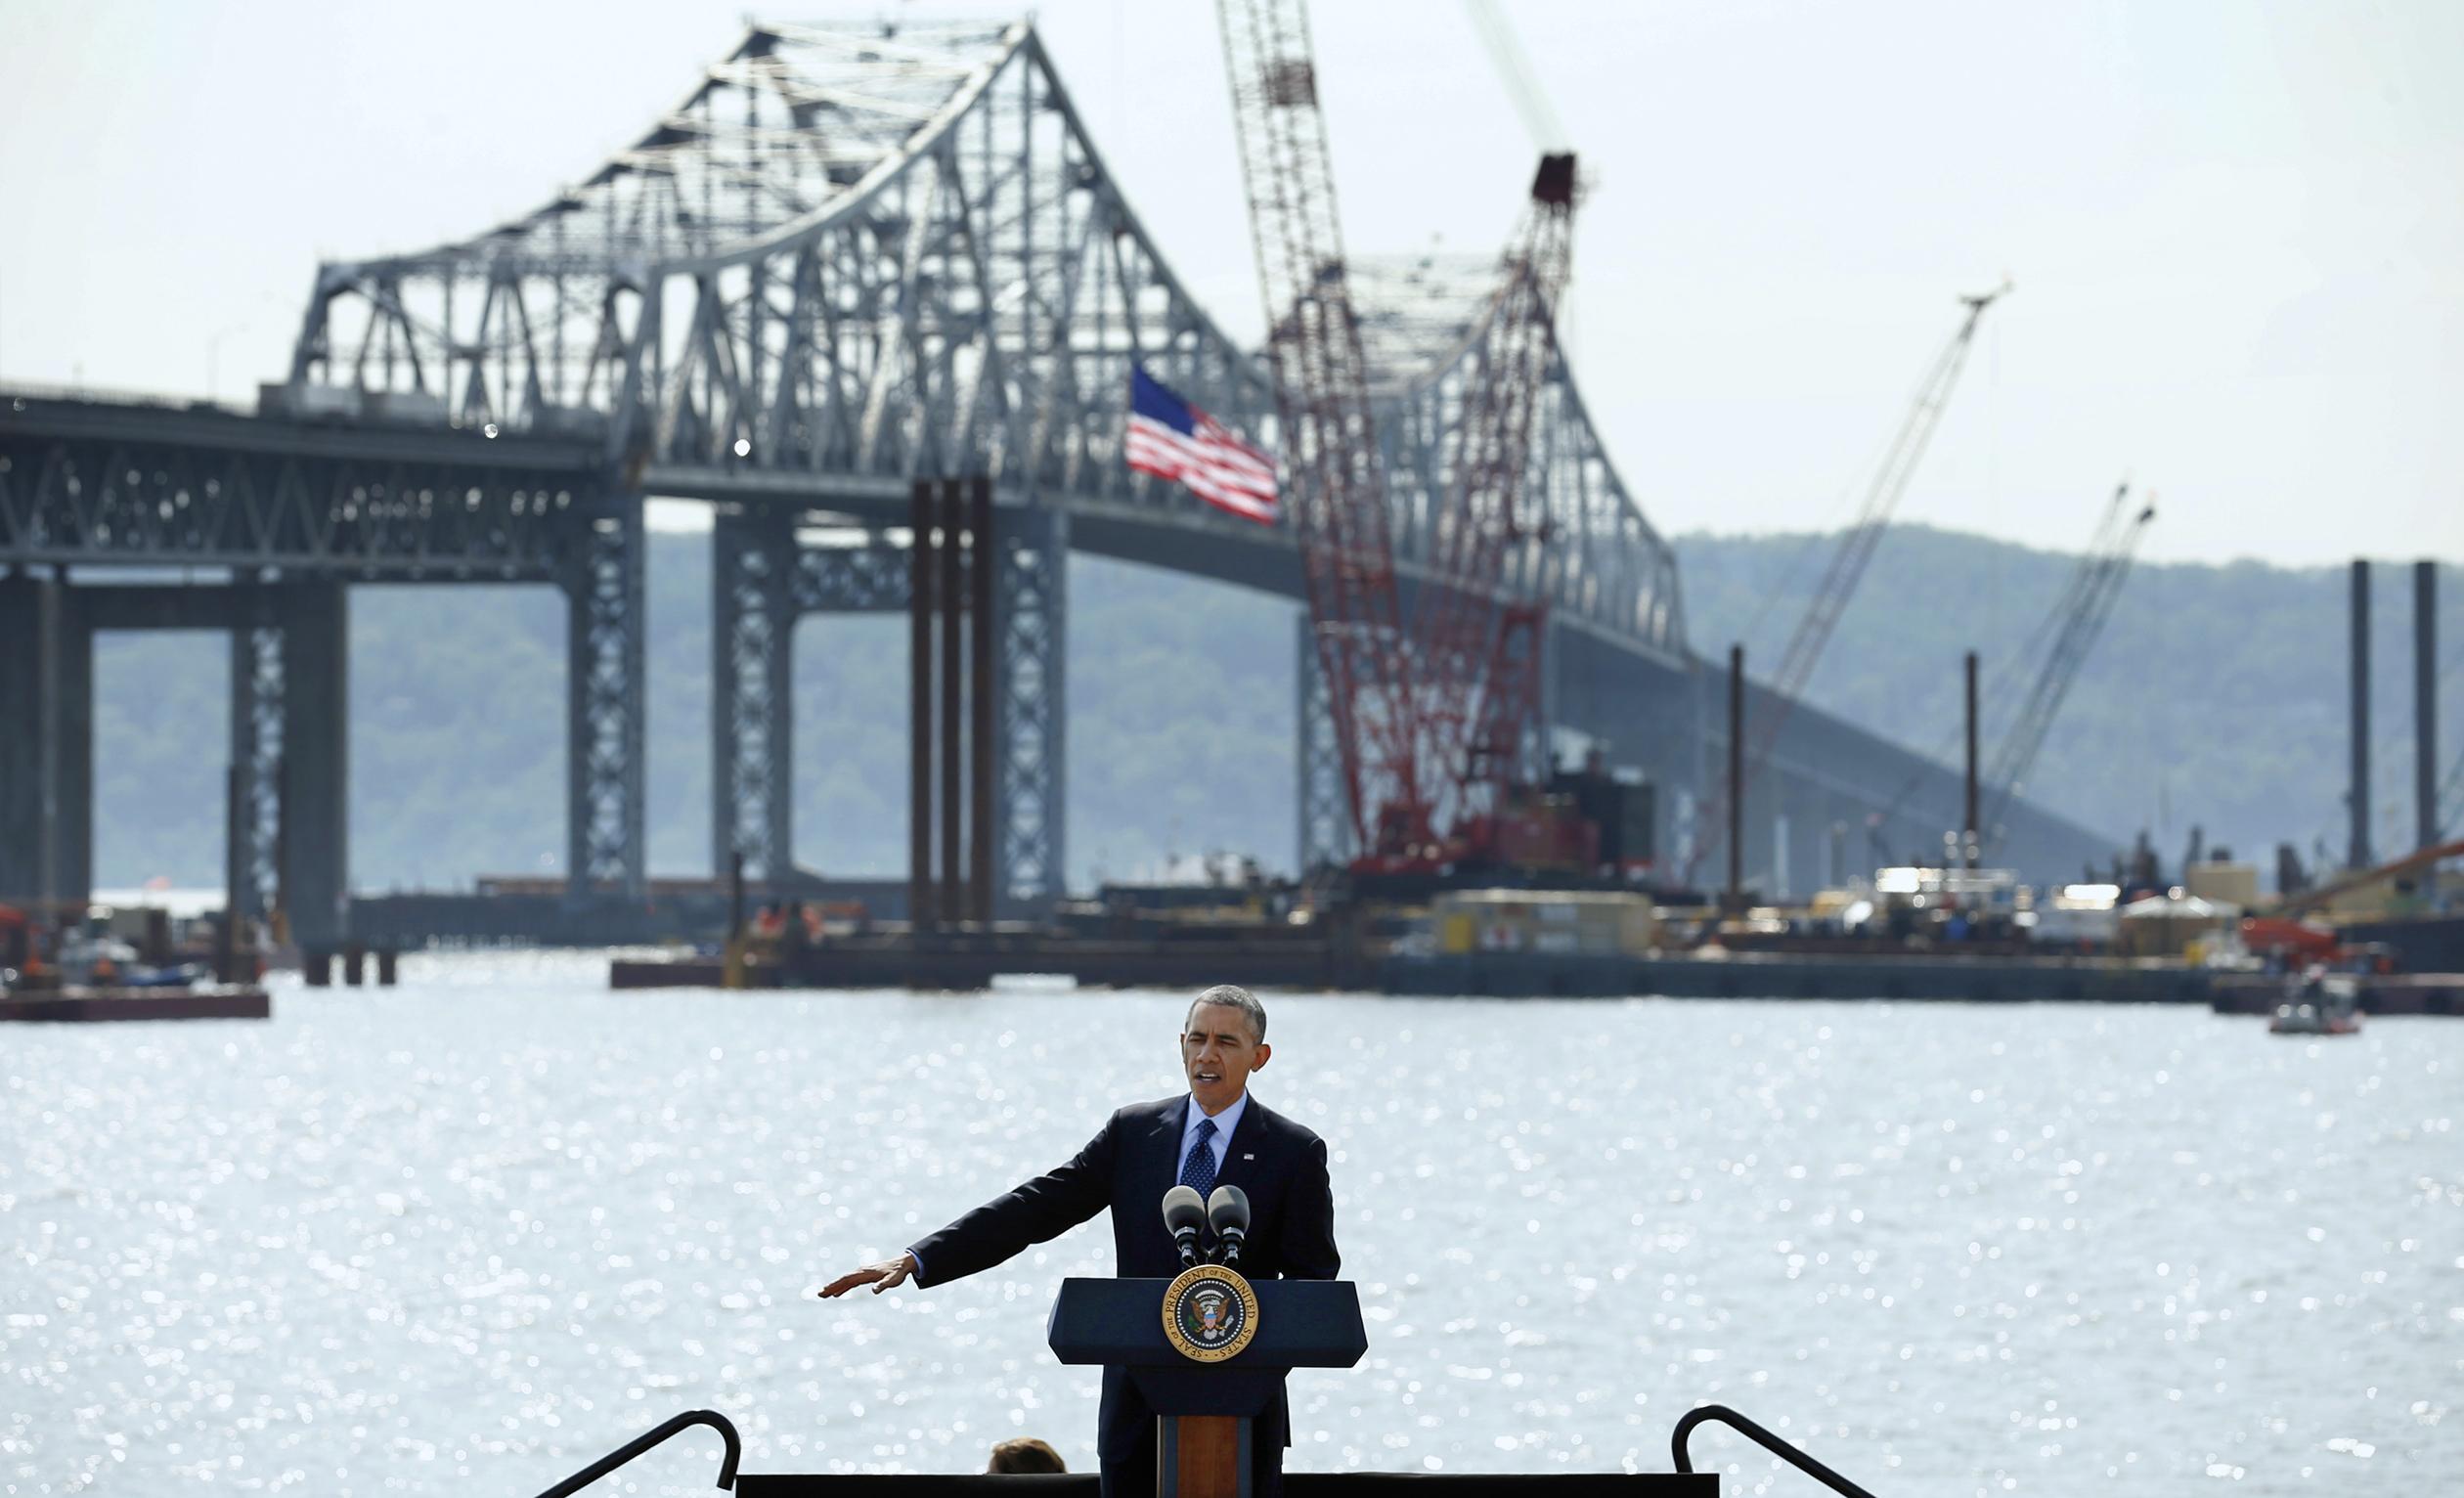 U.S. President Barack Obama, Tappan Zee Bridge